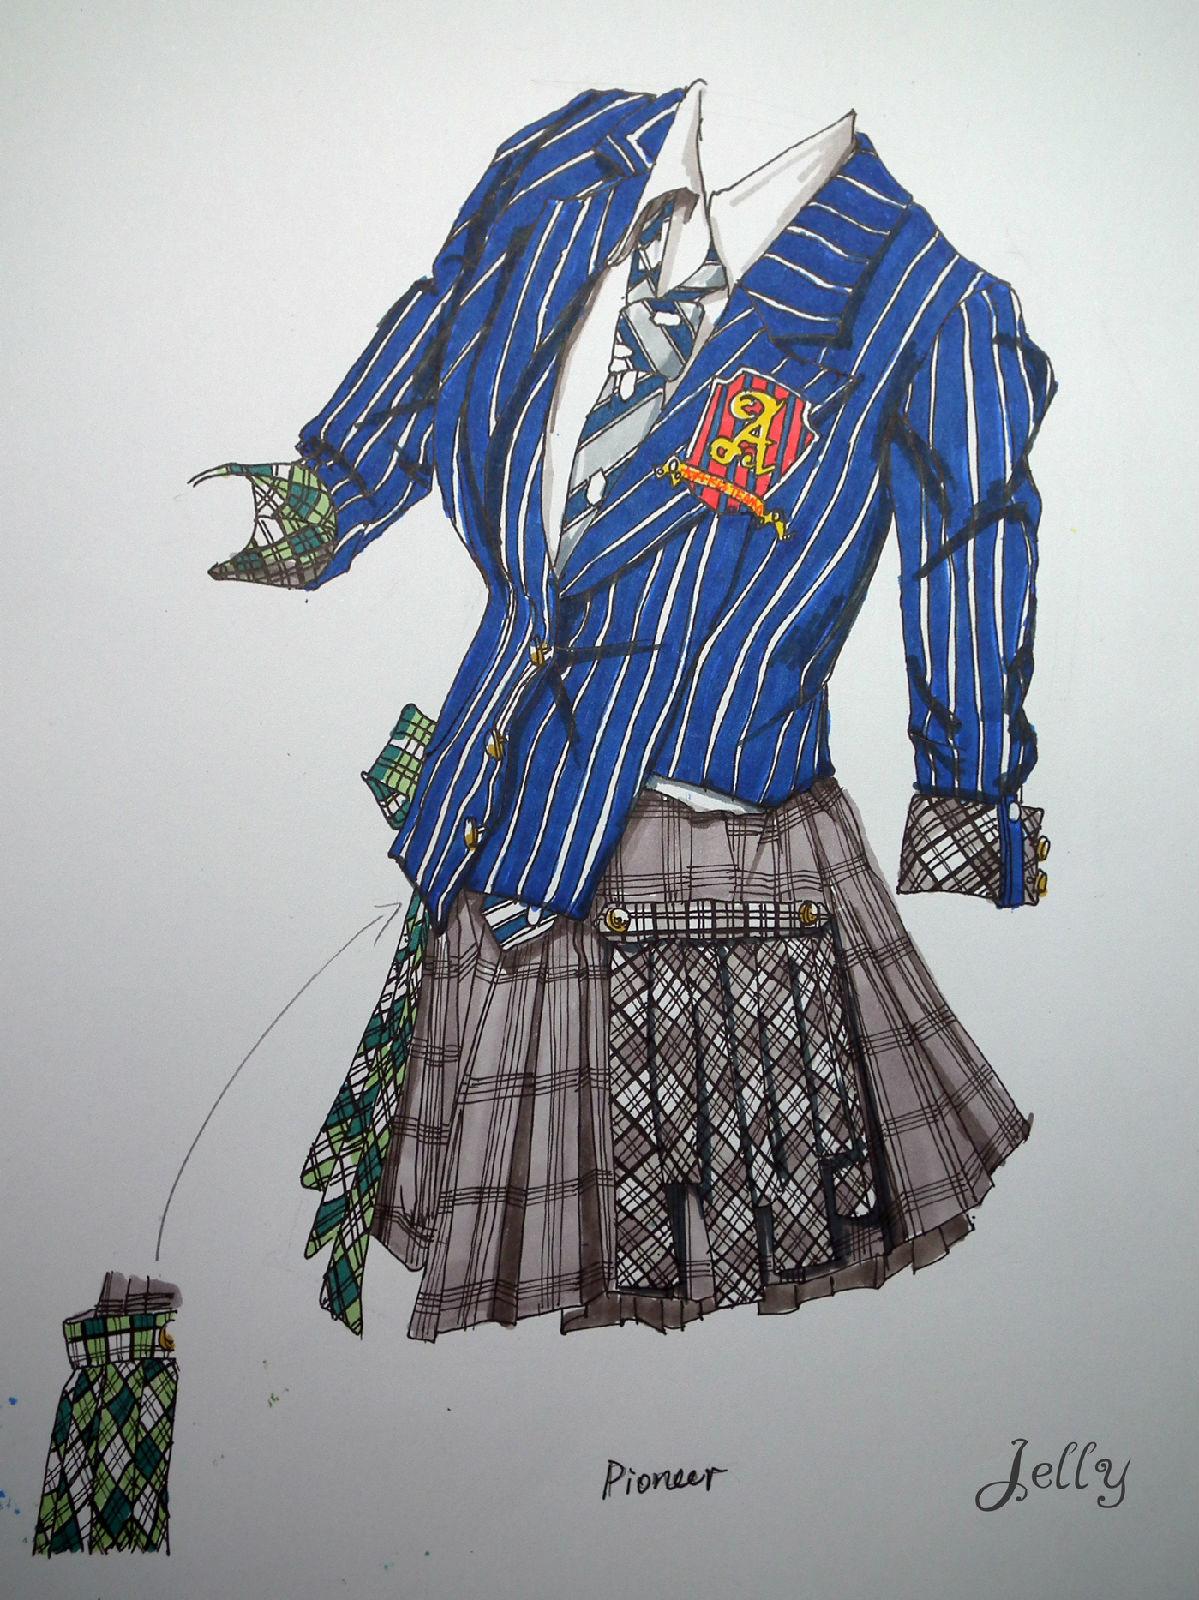 超强服装设计手绘图 akb48可爱的百变演出服装